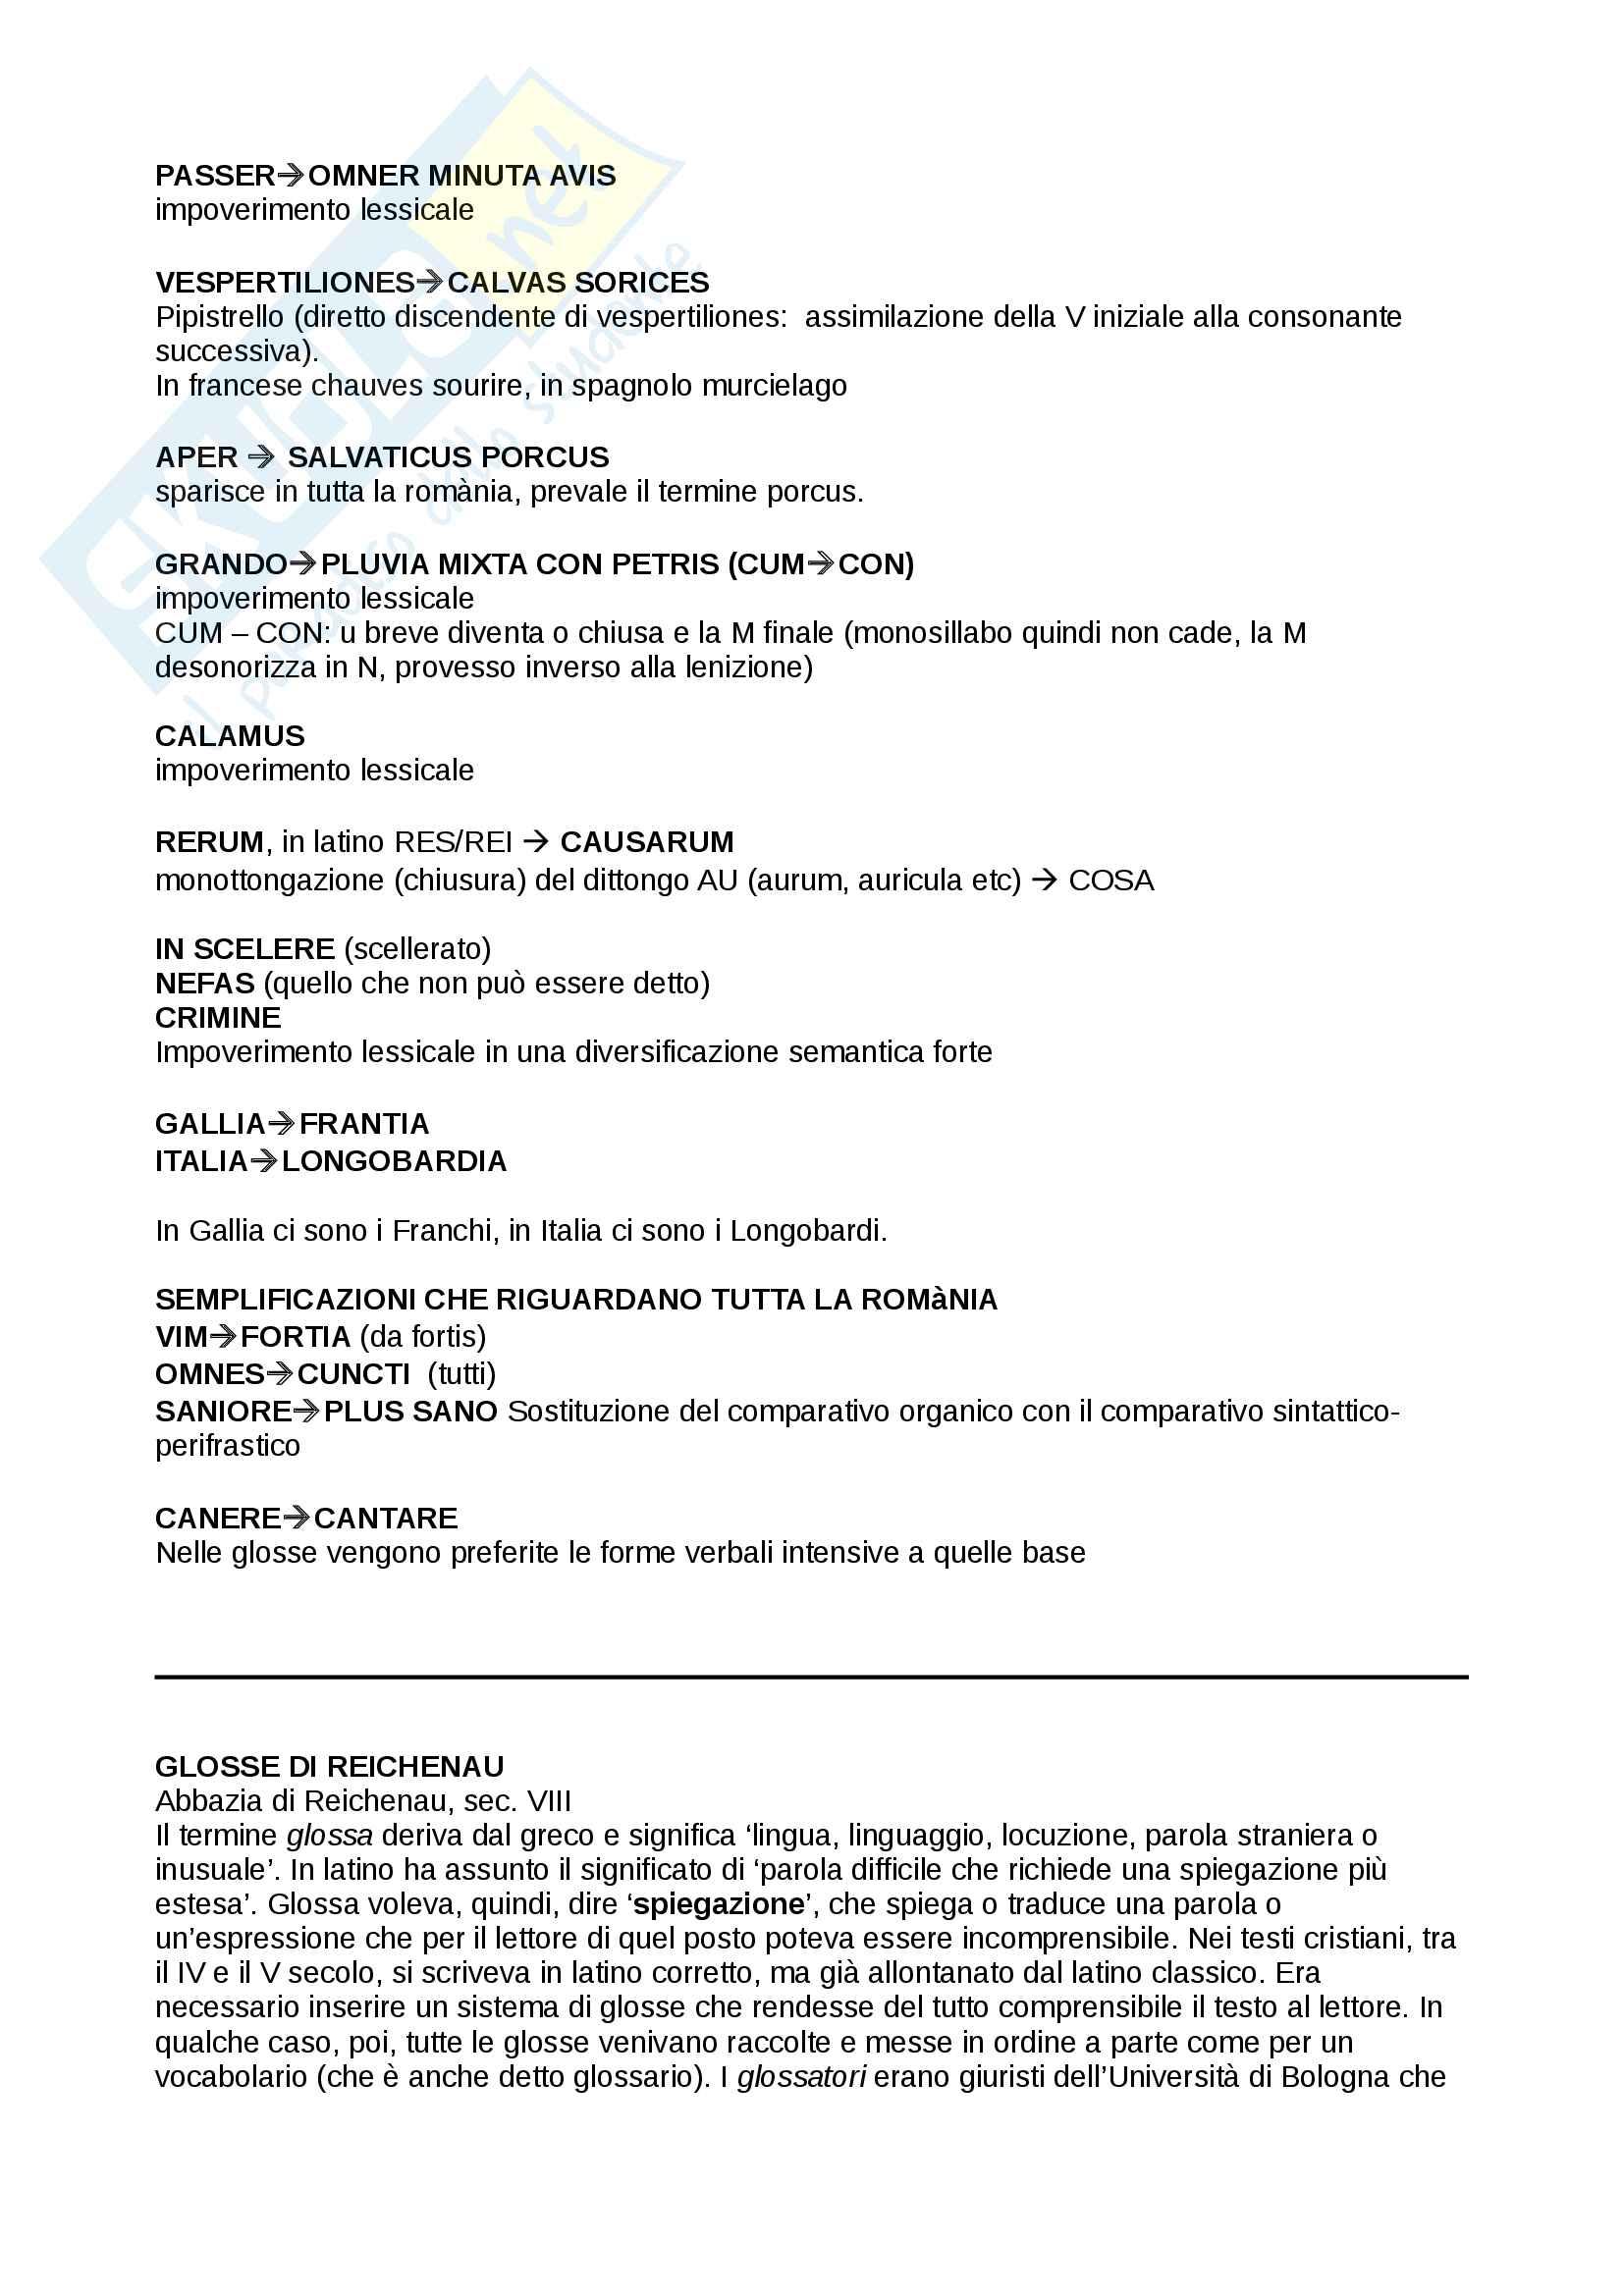 Glosse di Reichenau - contesto storico e analisi linguistica Pag. 2